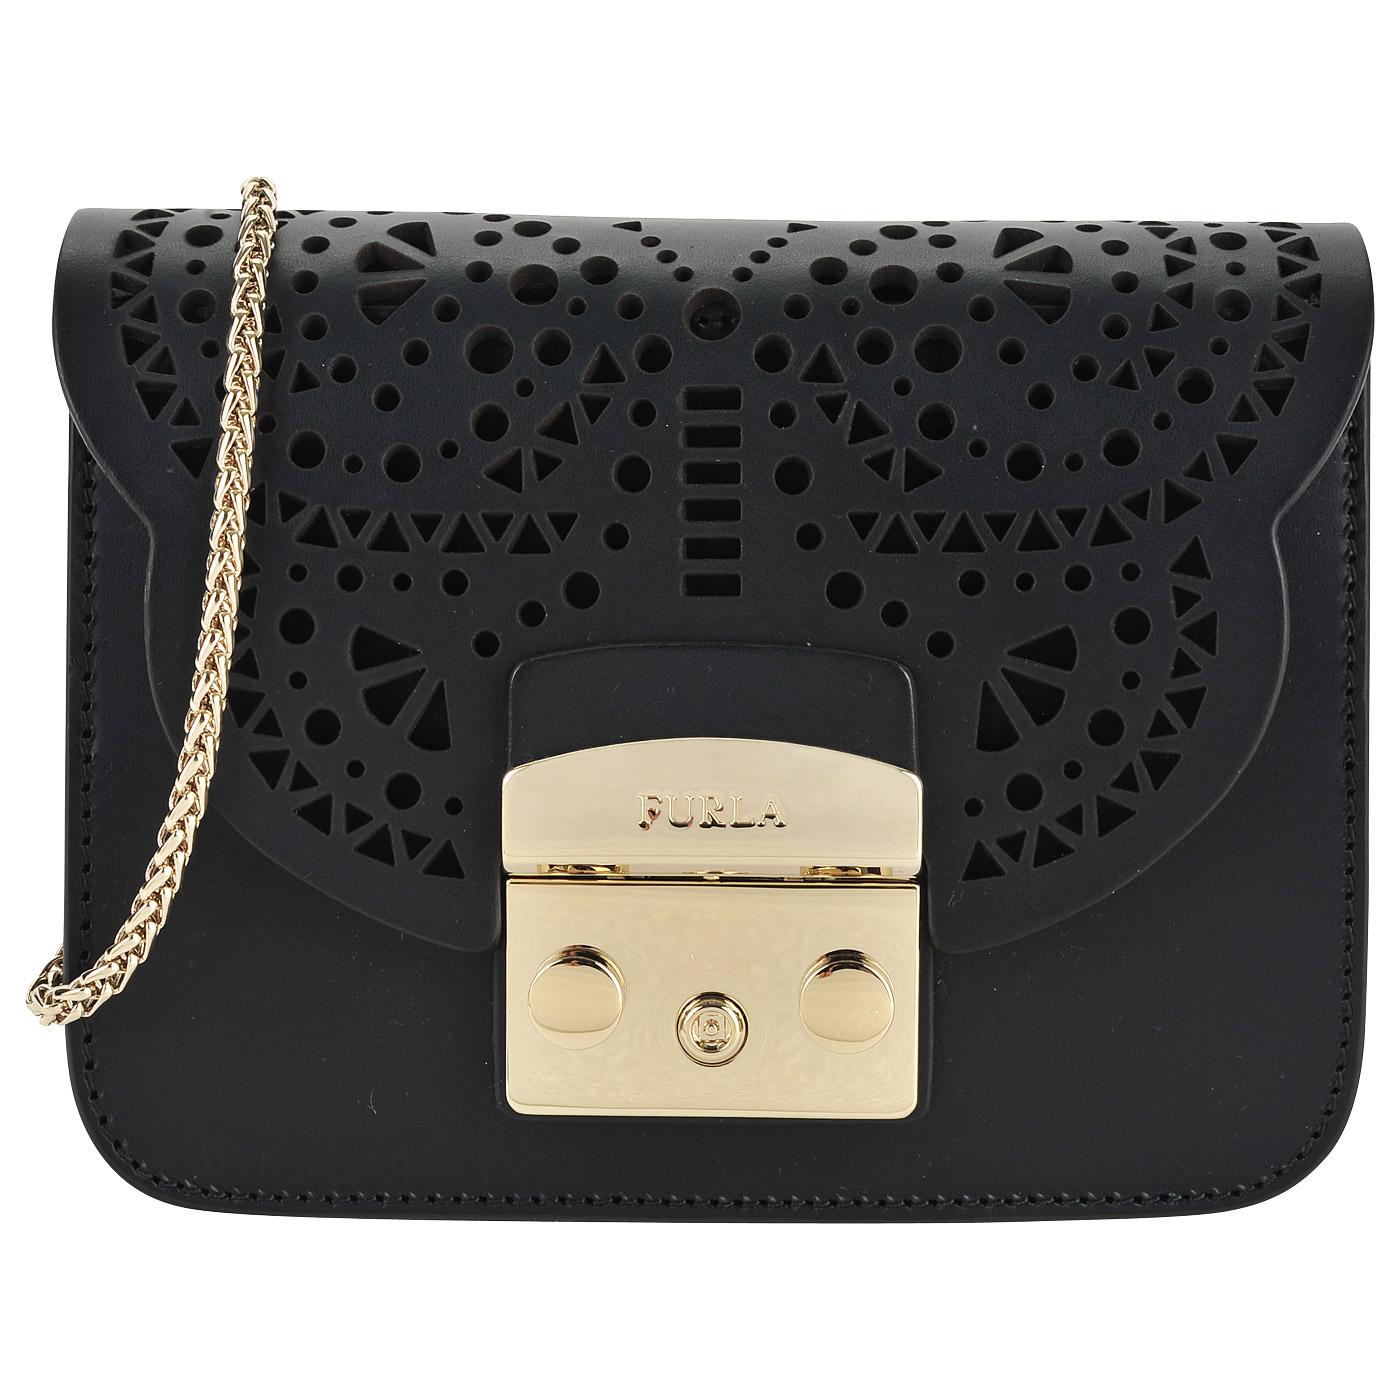 093cbd1f3b26 ... Маленькая кожаная сумка с декоративной перфорацией на откидном клапане Furla  Metropolis ...